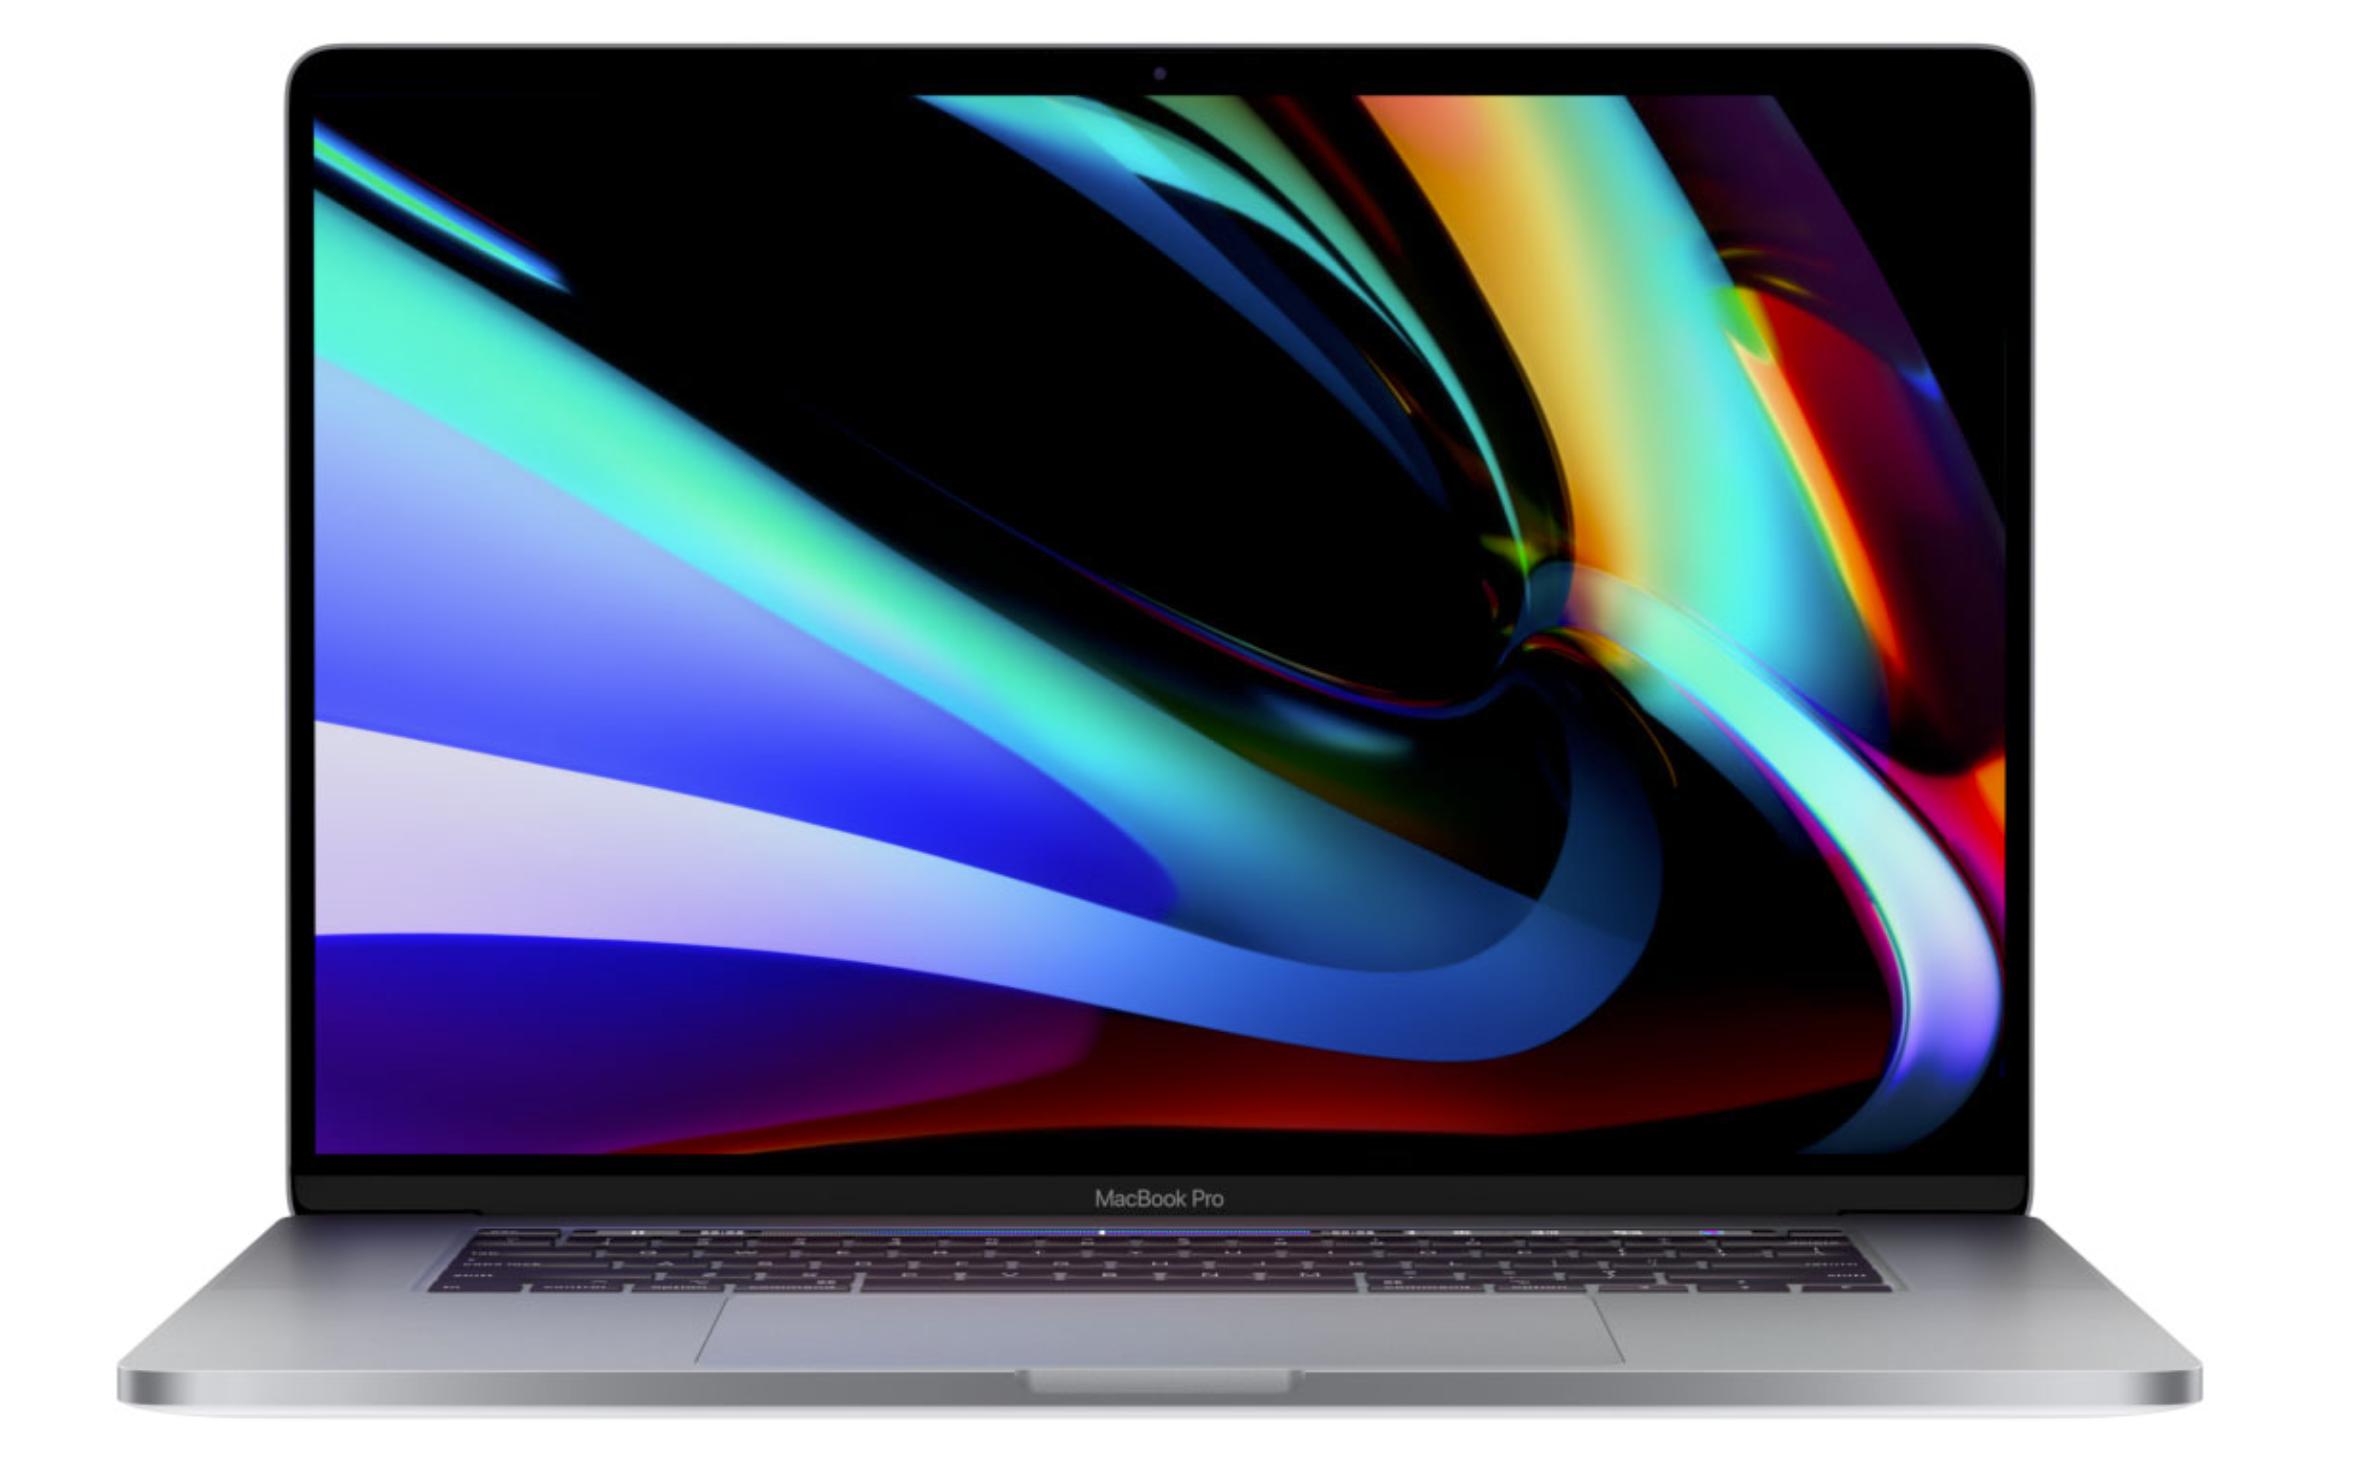 Apple MacBook Pro 16 2019 Laptop Review: A convincing Core i9 ...